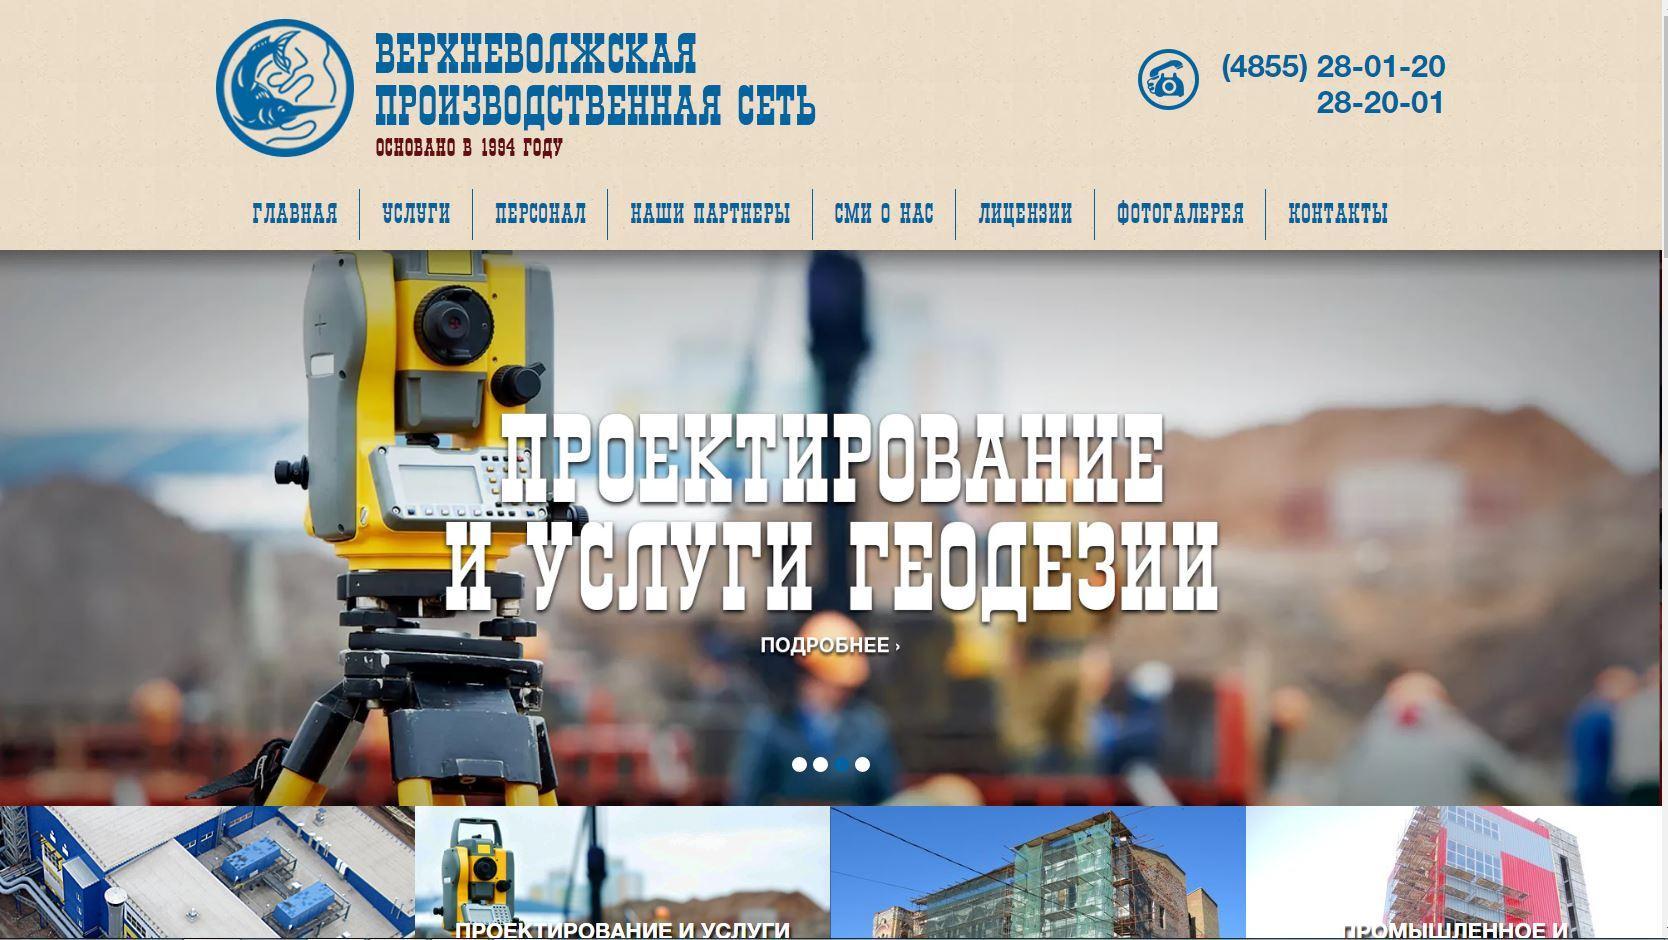 Редизайн сайта компании ВЕРХНЕВОЛЖСКАЯ ПРОИЗВОДСТВЕННАЯ СЕТЬ